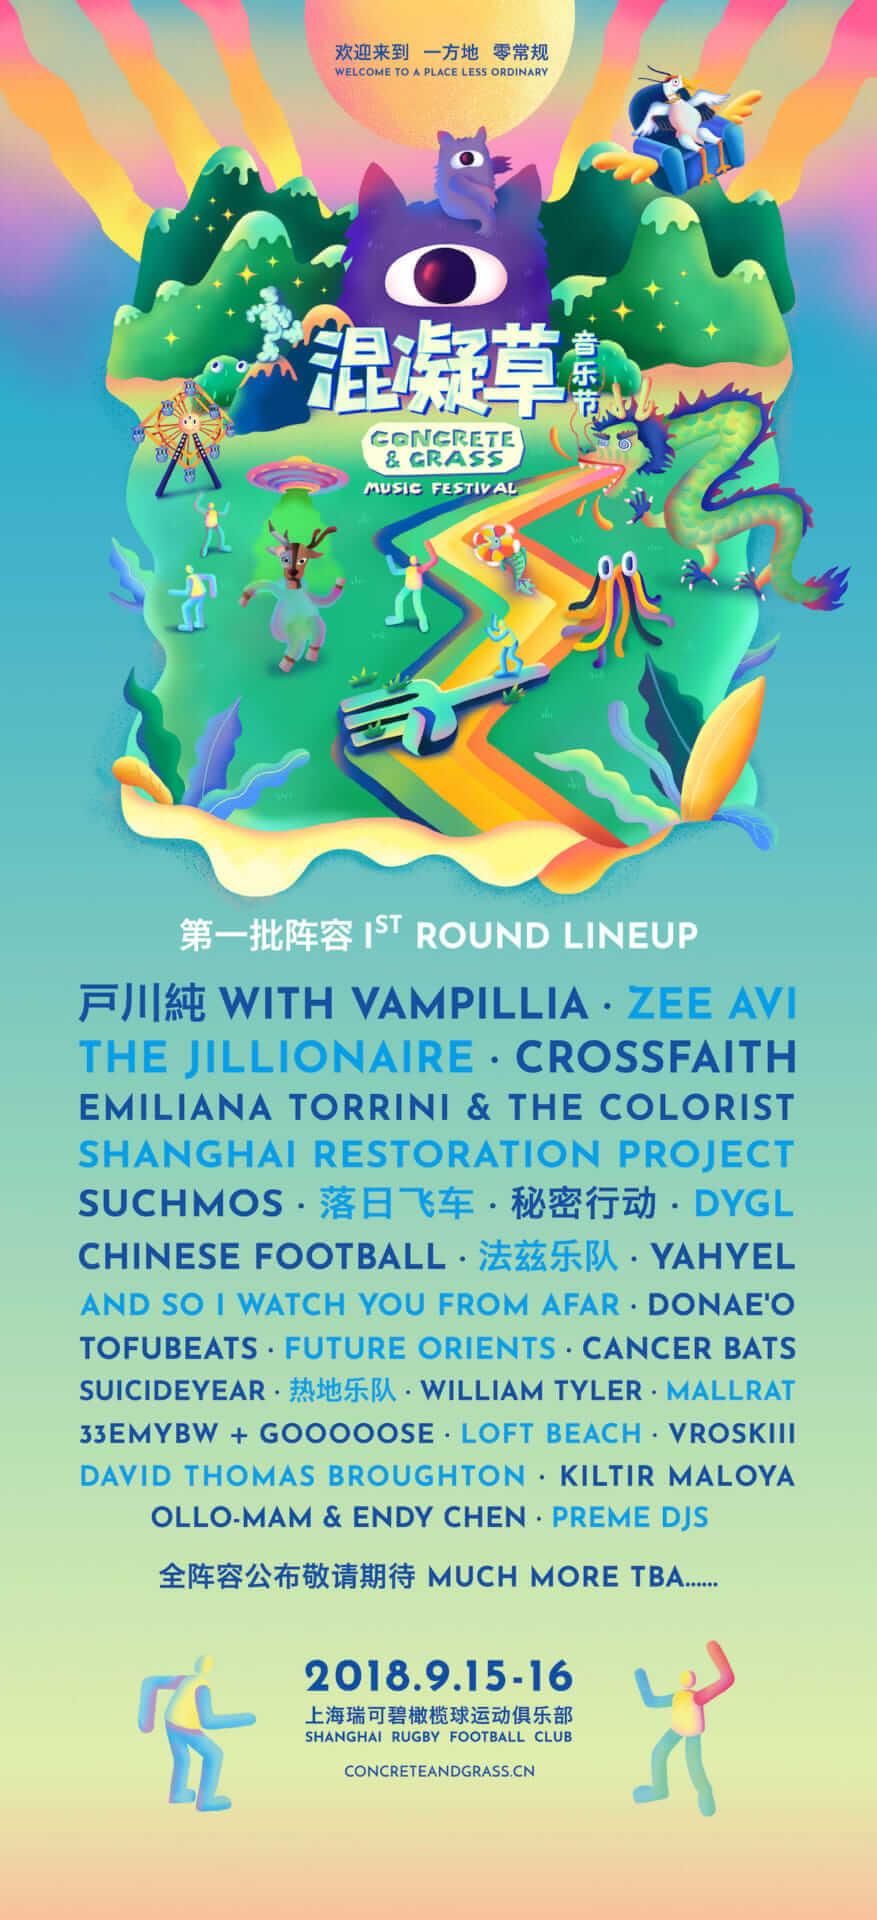 上海開催の音楽フェス「Concrete & Grass 2018」にSuchmosやDYGL、yahyel、tofubeats、戸川純 with Vampilliaが出演決定 music180816-theconcretekids-